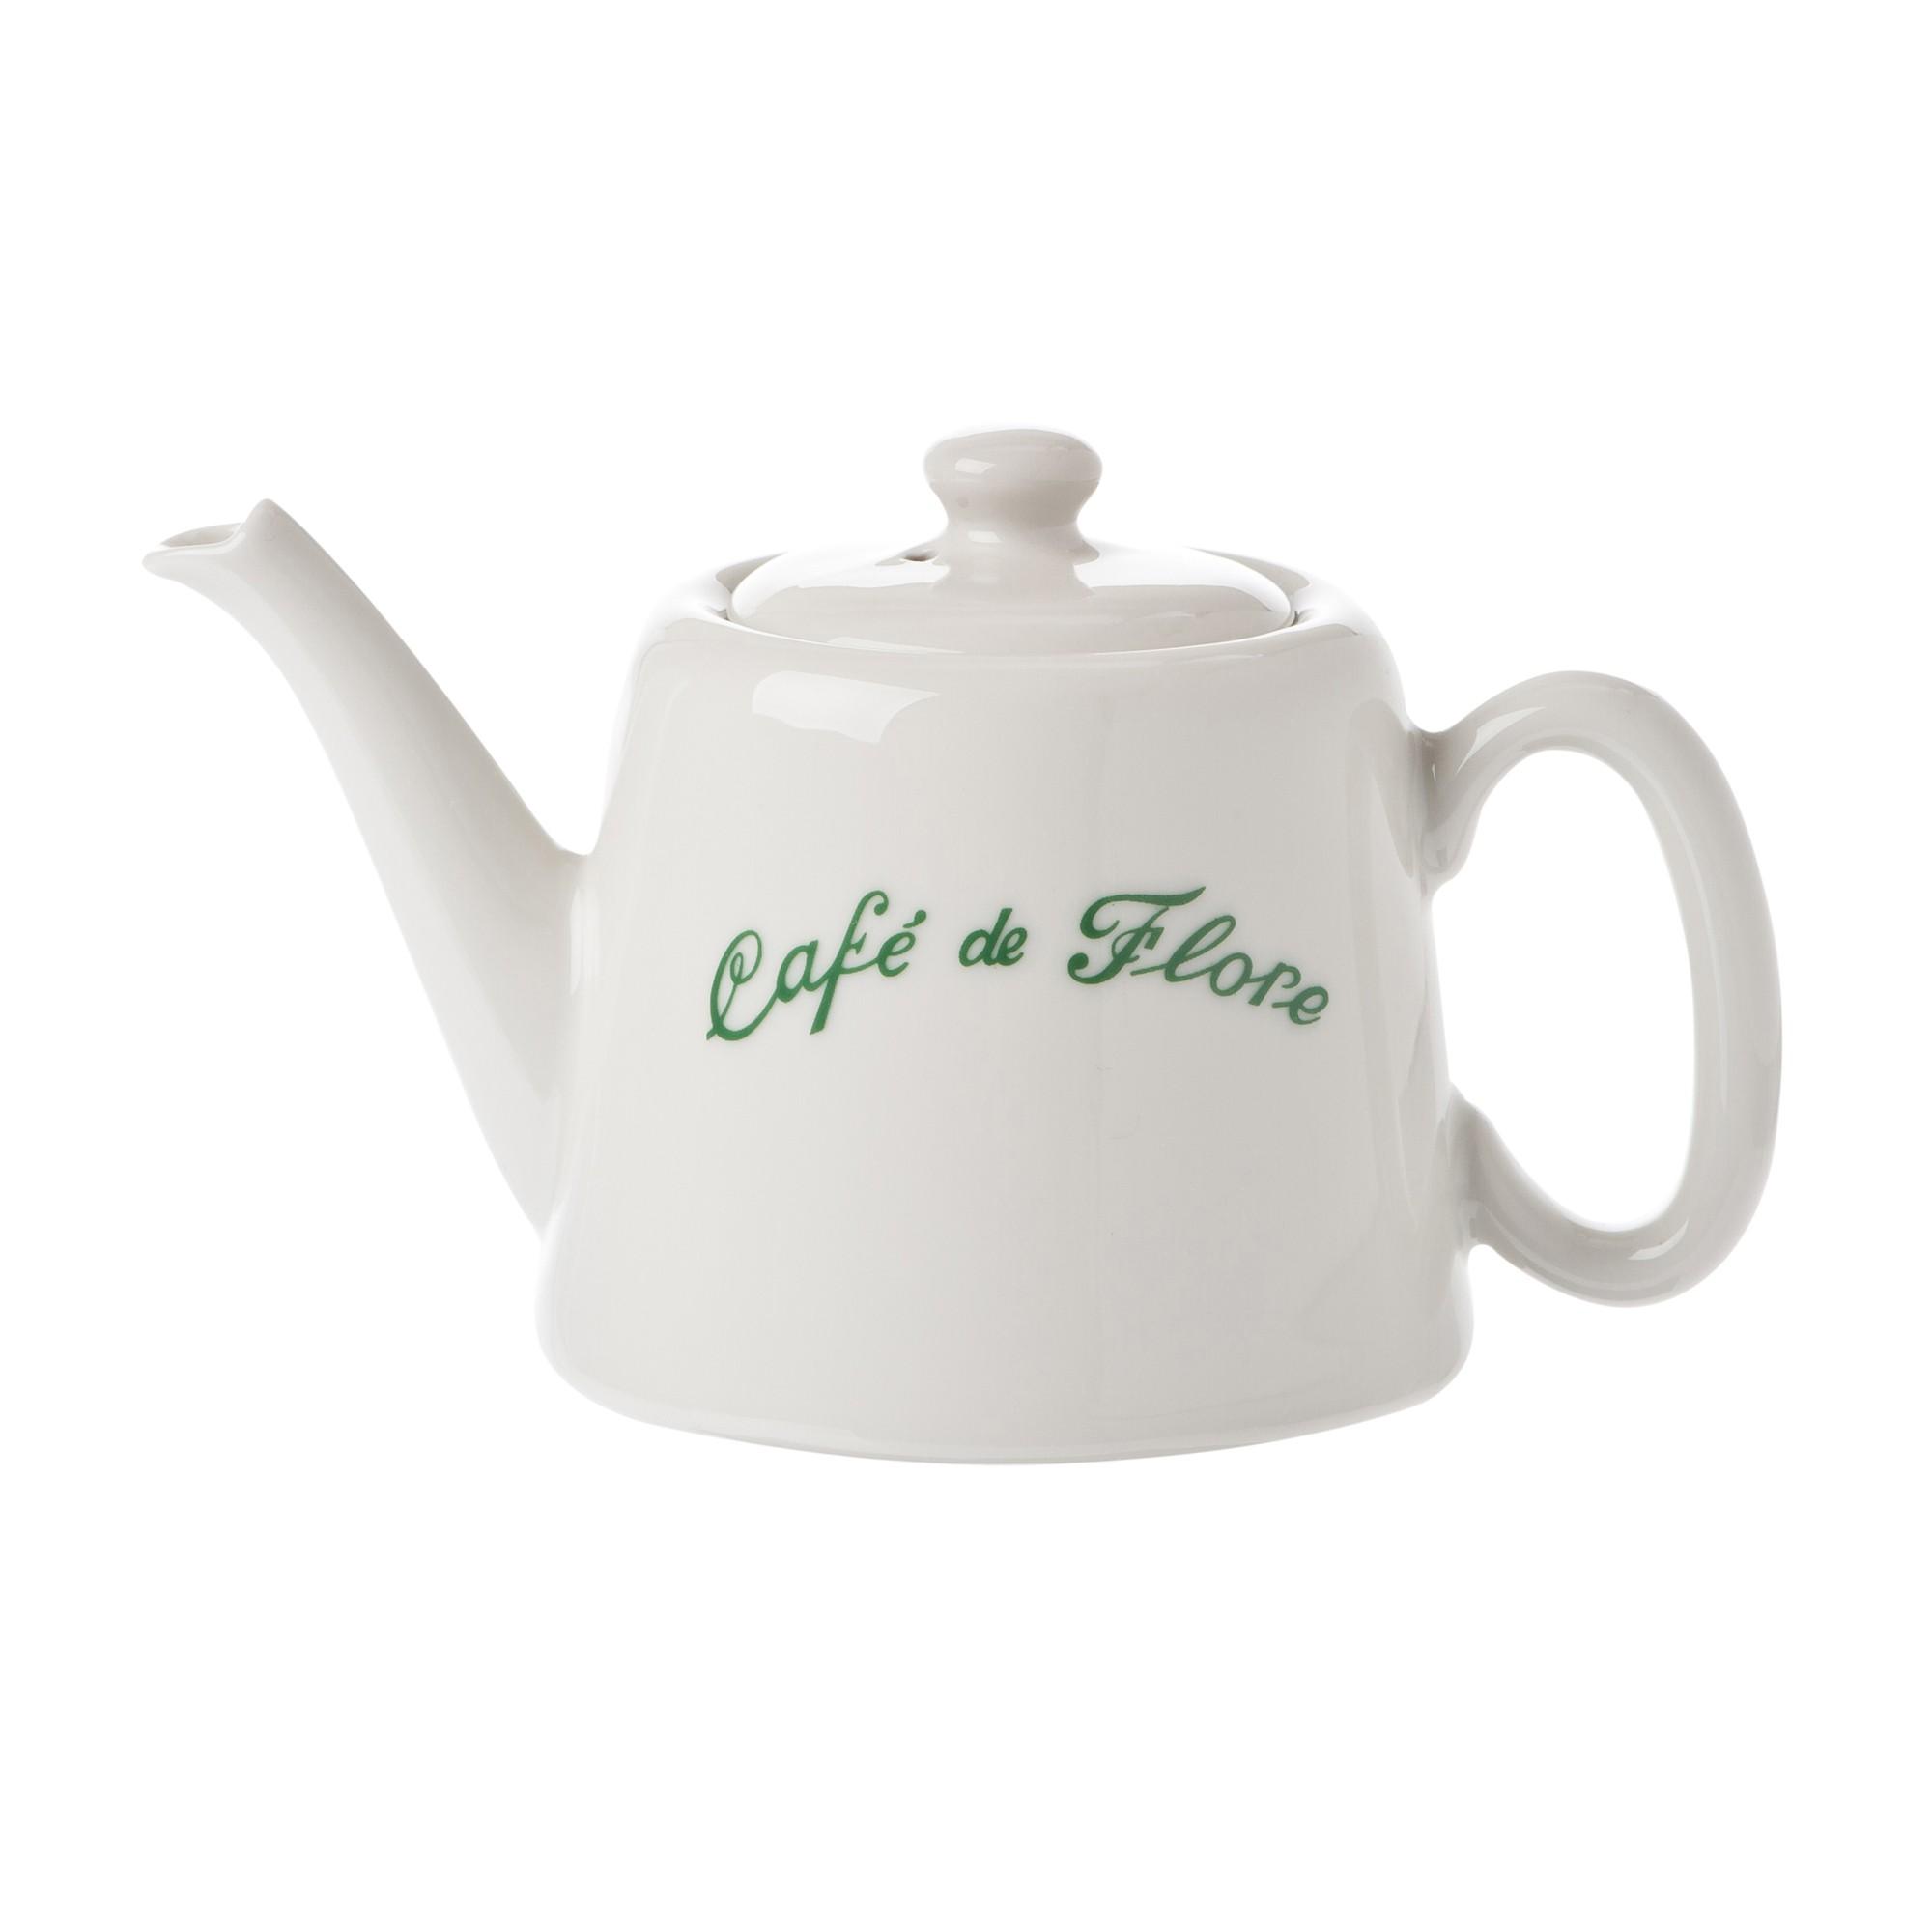 Teapot n ° 2